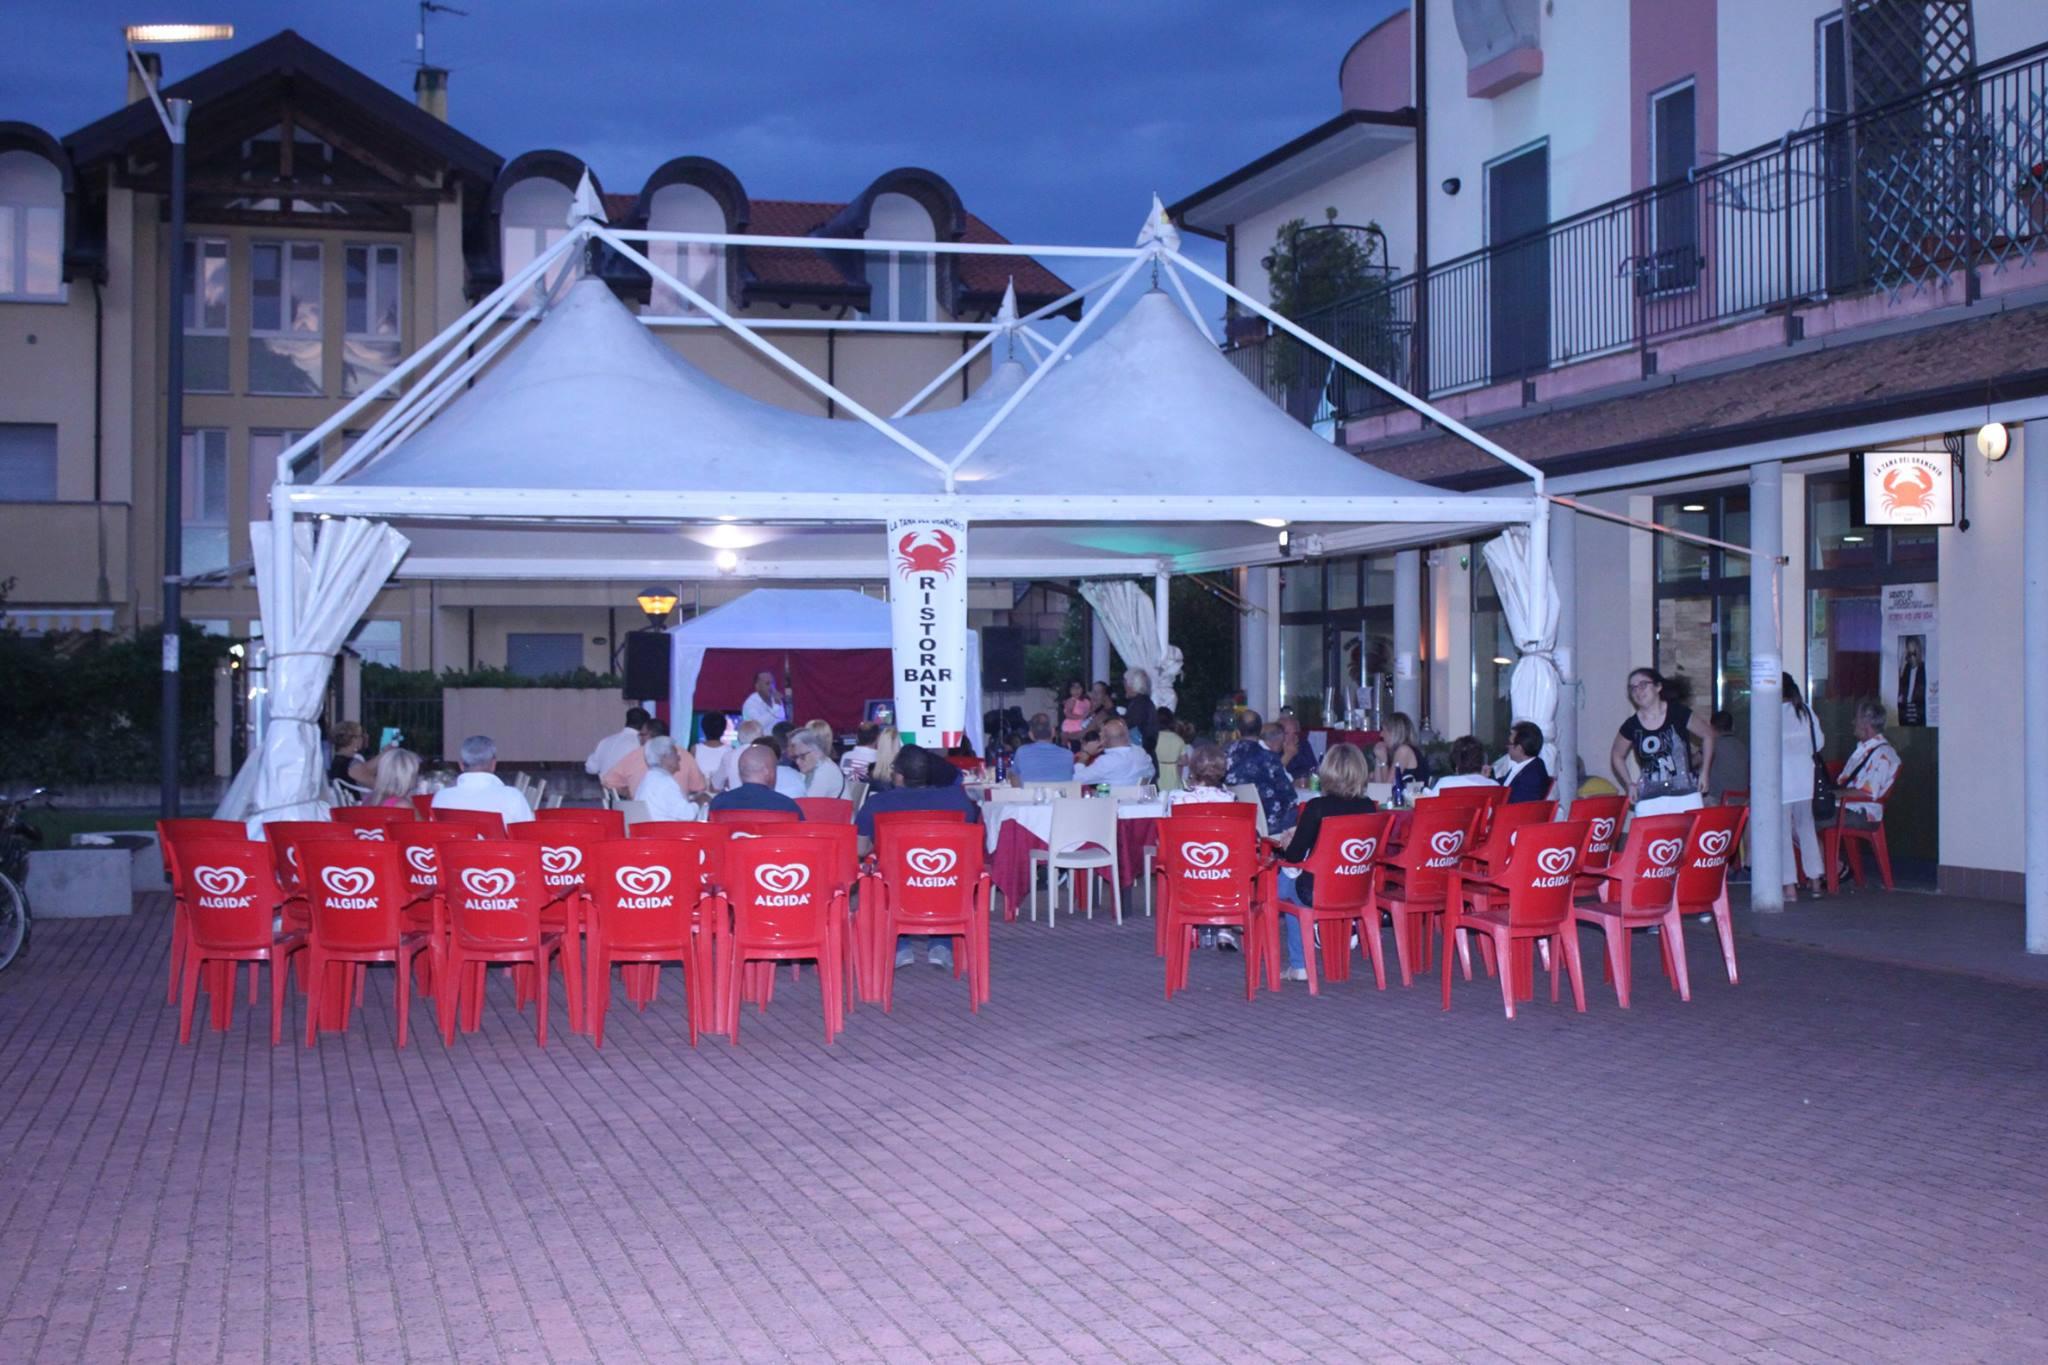 delle persone a tavola sotto un gazebo con un tendone bianco e delle sedie rosse